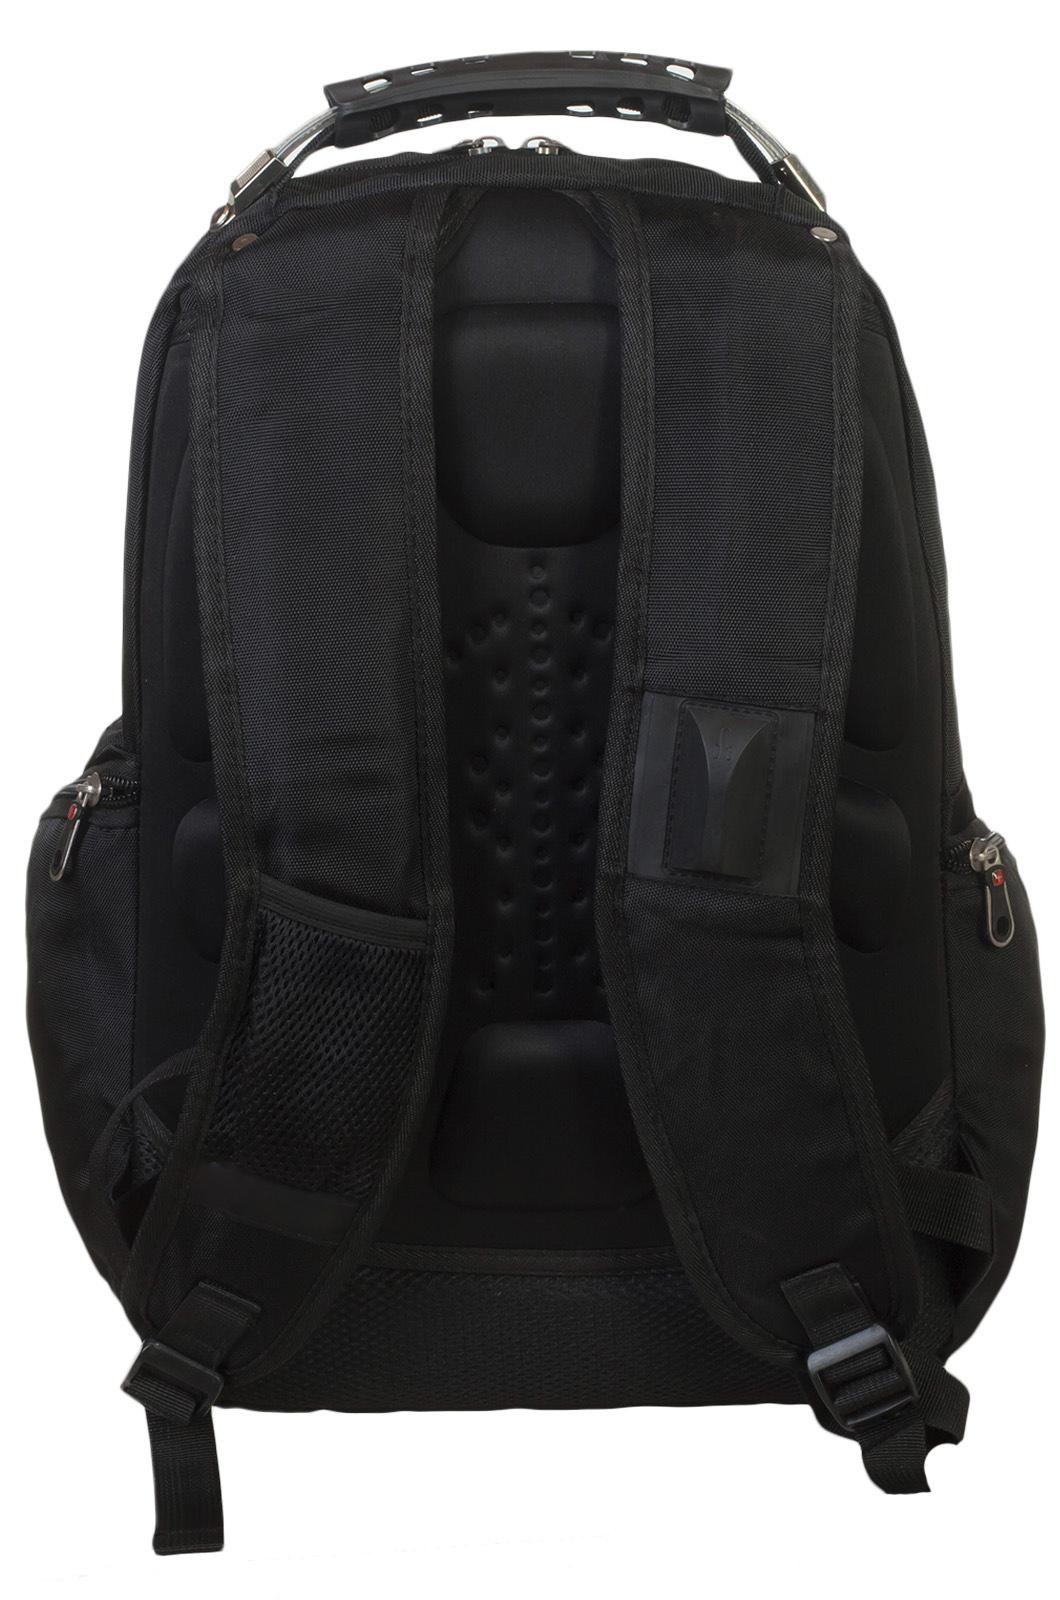 Зачетный рюкзак с эмблемой МЧС купить онлайн